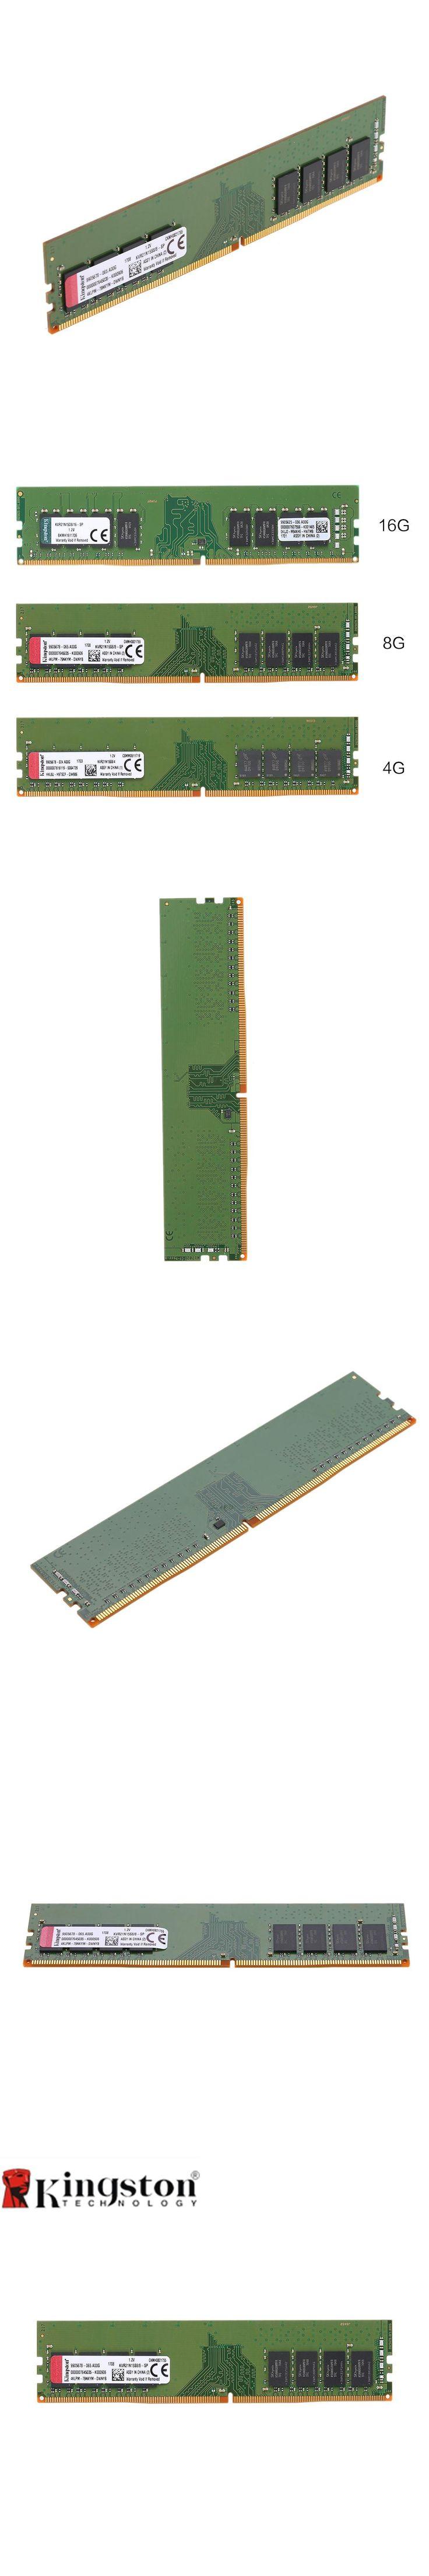 Kingston Memoria RAM DDR4 16GB 8GB 4GB 2133MHz CL15 1.2V 1Rx8 288-Pi Intel Memory SODIMM Ram For Desktop Memory Stick PC4-2133